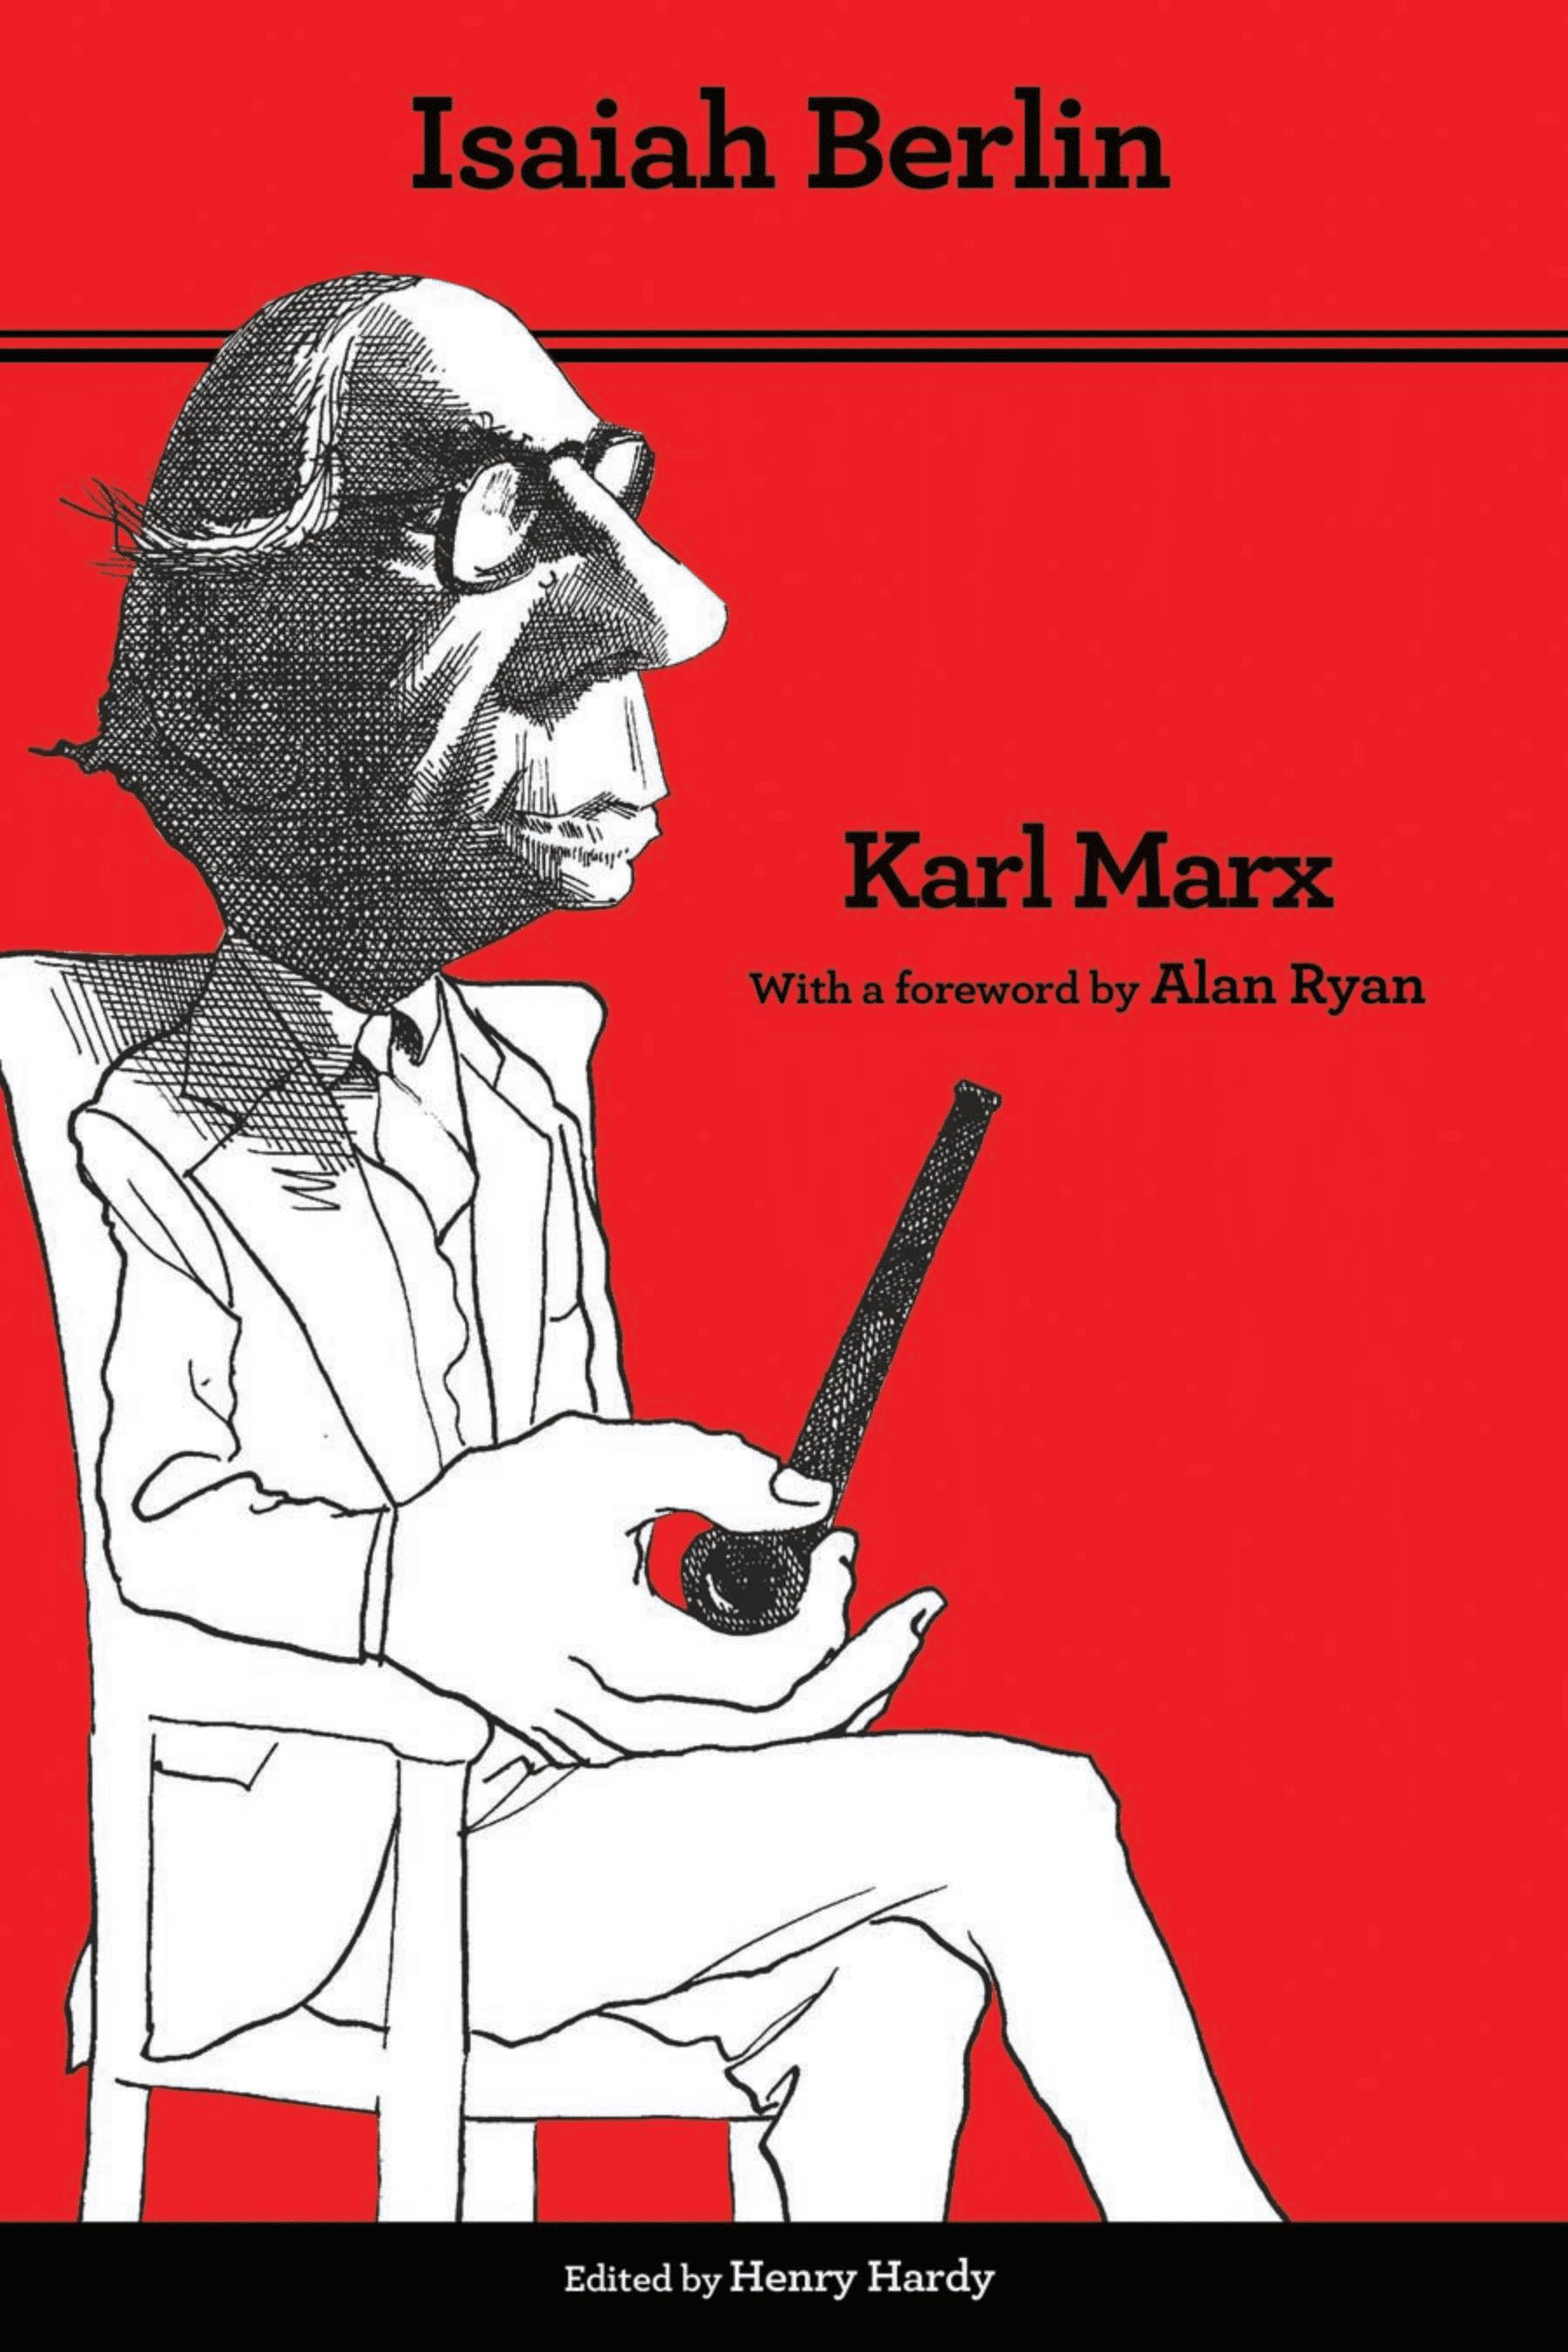 Karl Marx His Life and Environment - Karl Marx: His Life and Environment